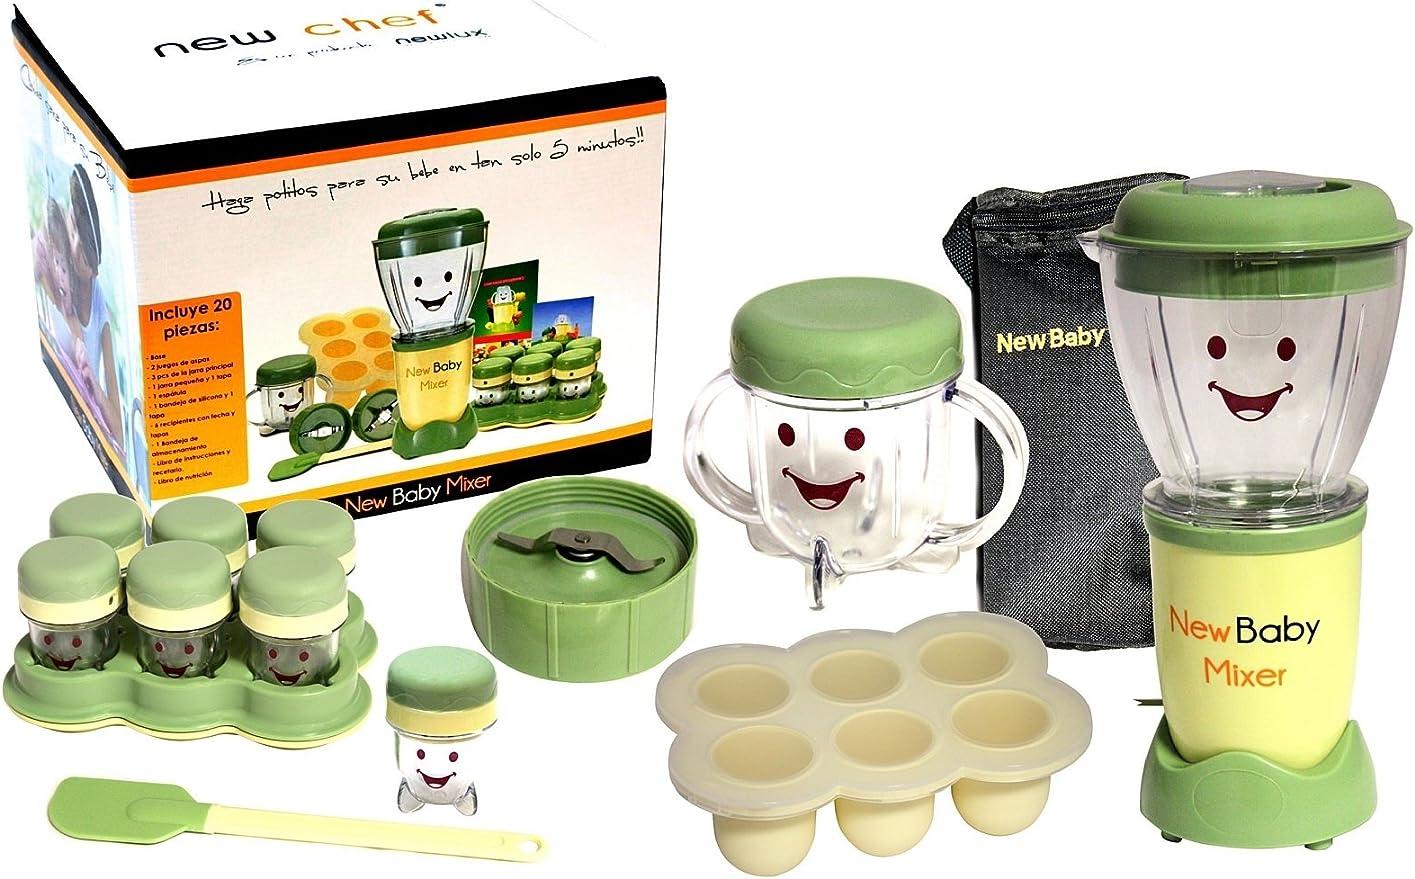 NEWCOOK Robot De Cocina Baby NL209: Amazon.es